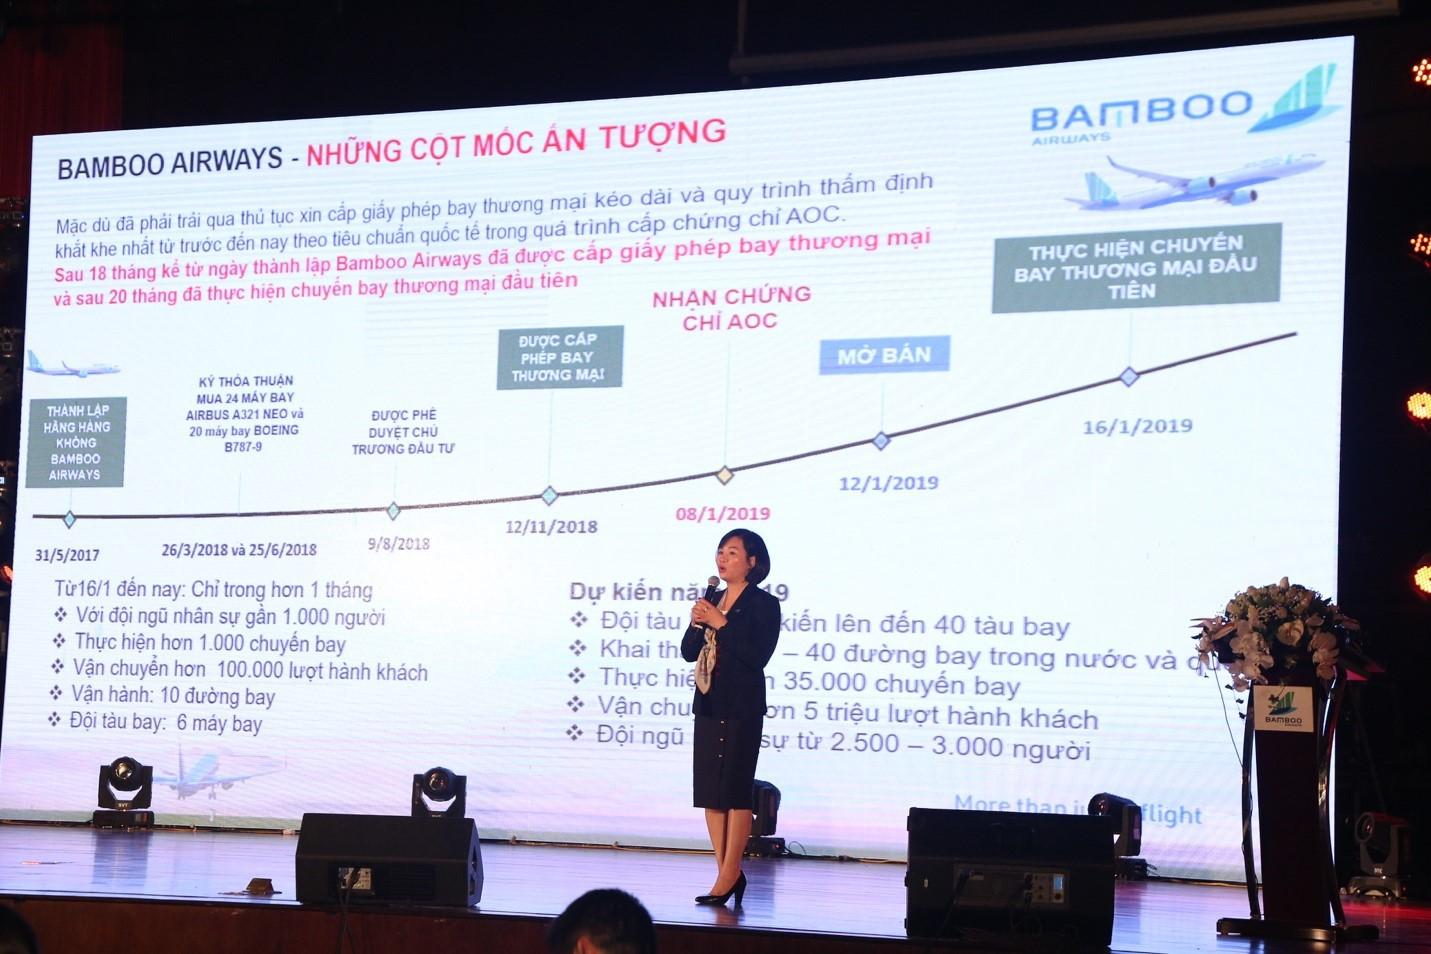 Khai thác thành công 1000 chuyến bay trong 5 tuần, Bamboo Airways đẩy mạnh tăng chuyến - Ảnh 1.